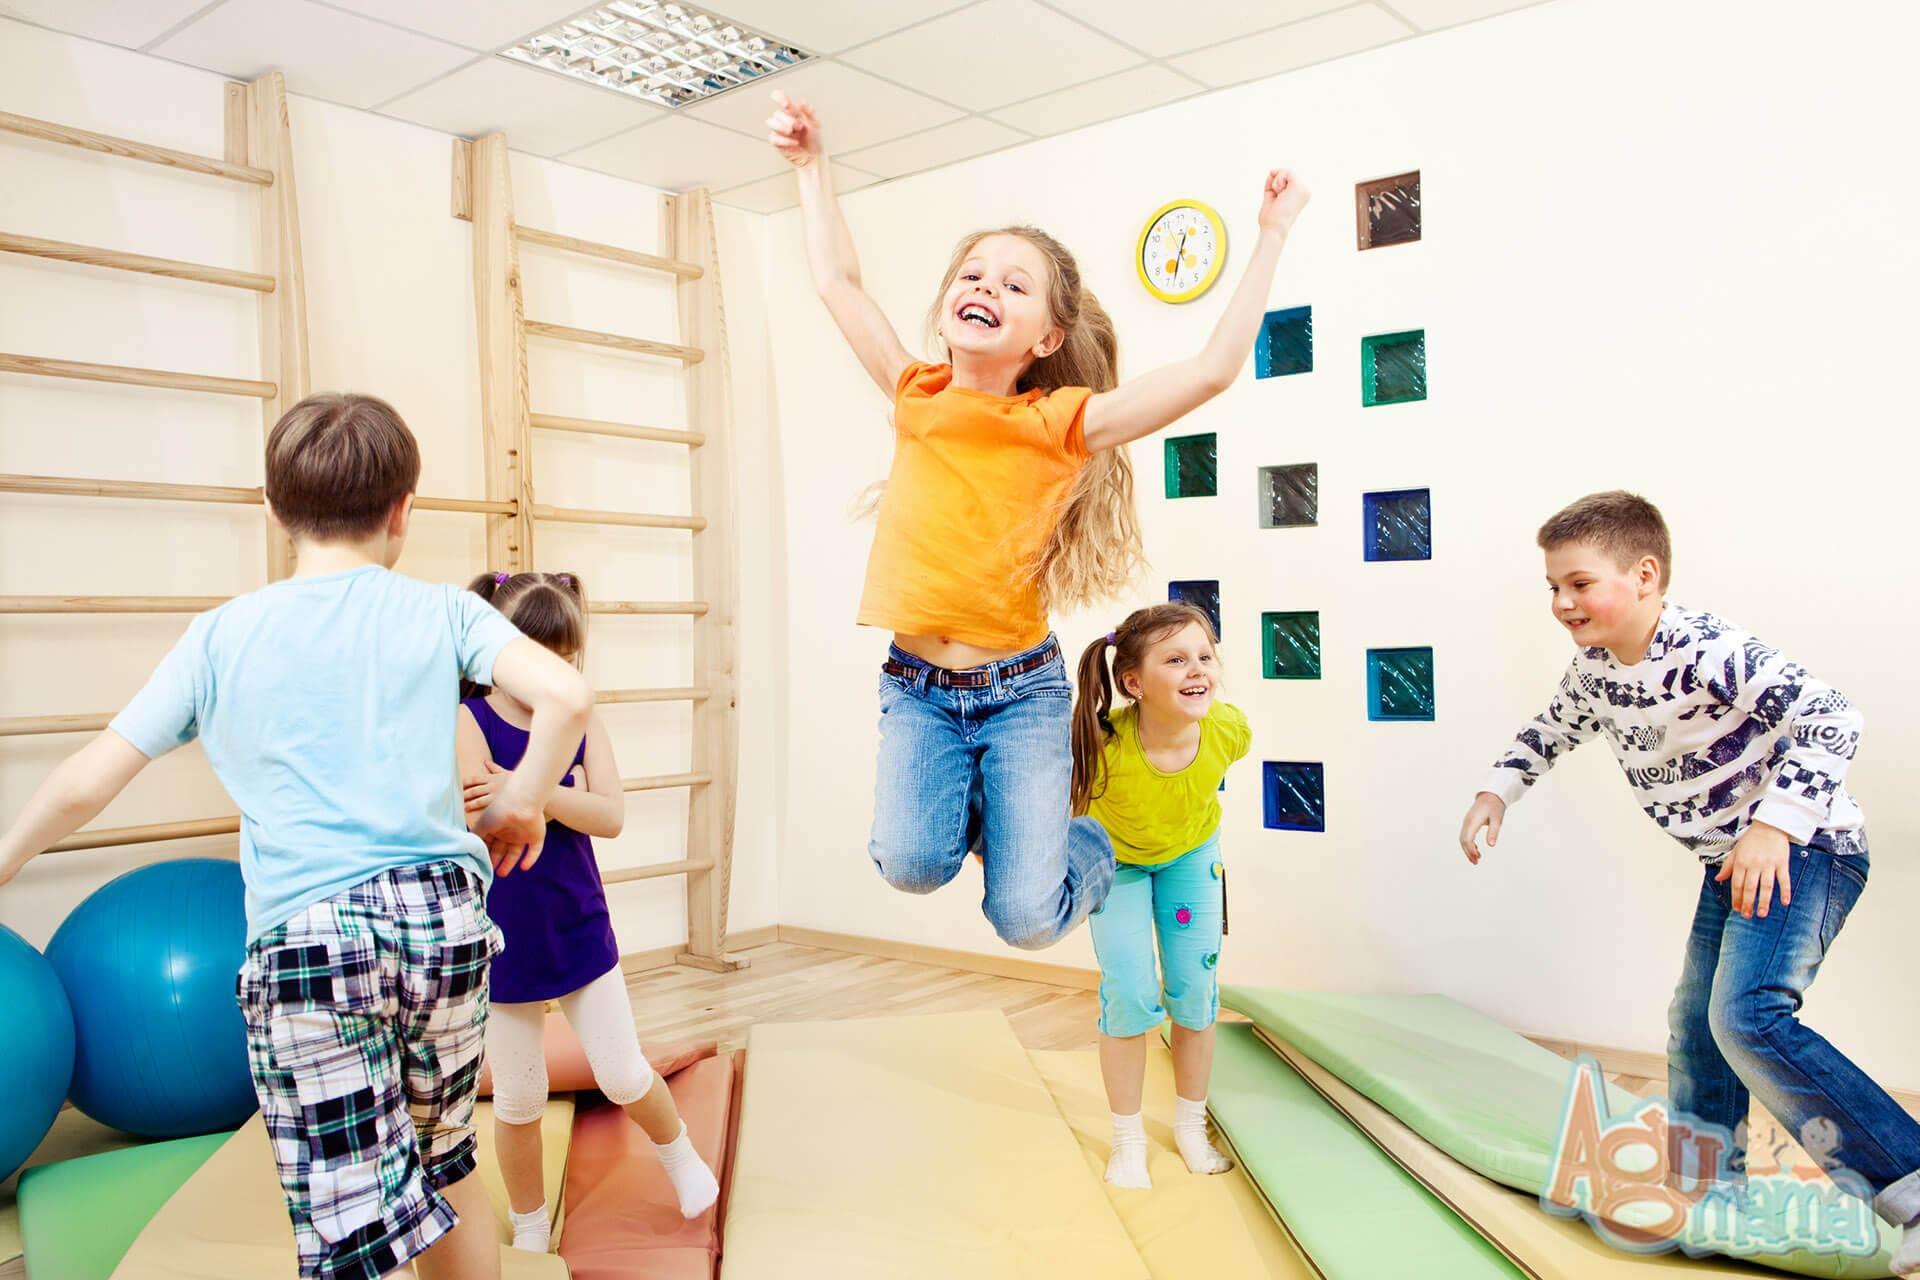 ubezpieczenie dziecka beztroska zabawa